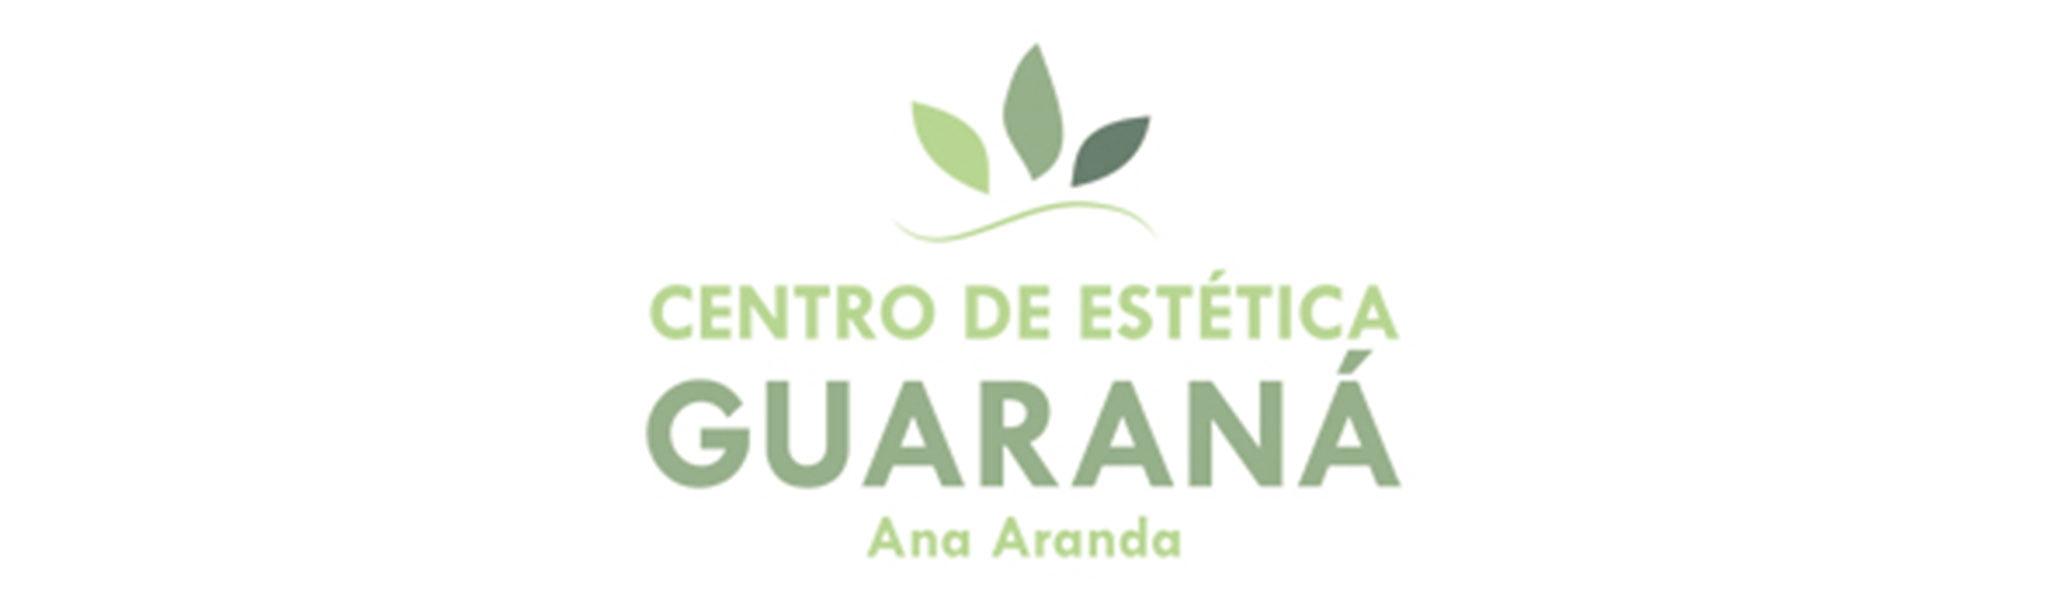 Logotipo de Centro de estética Guaraná